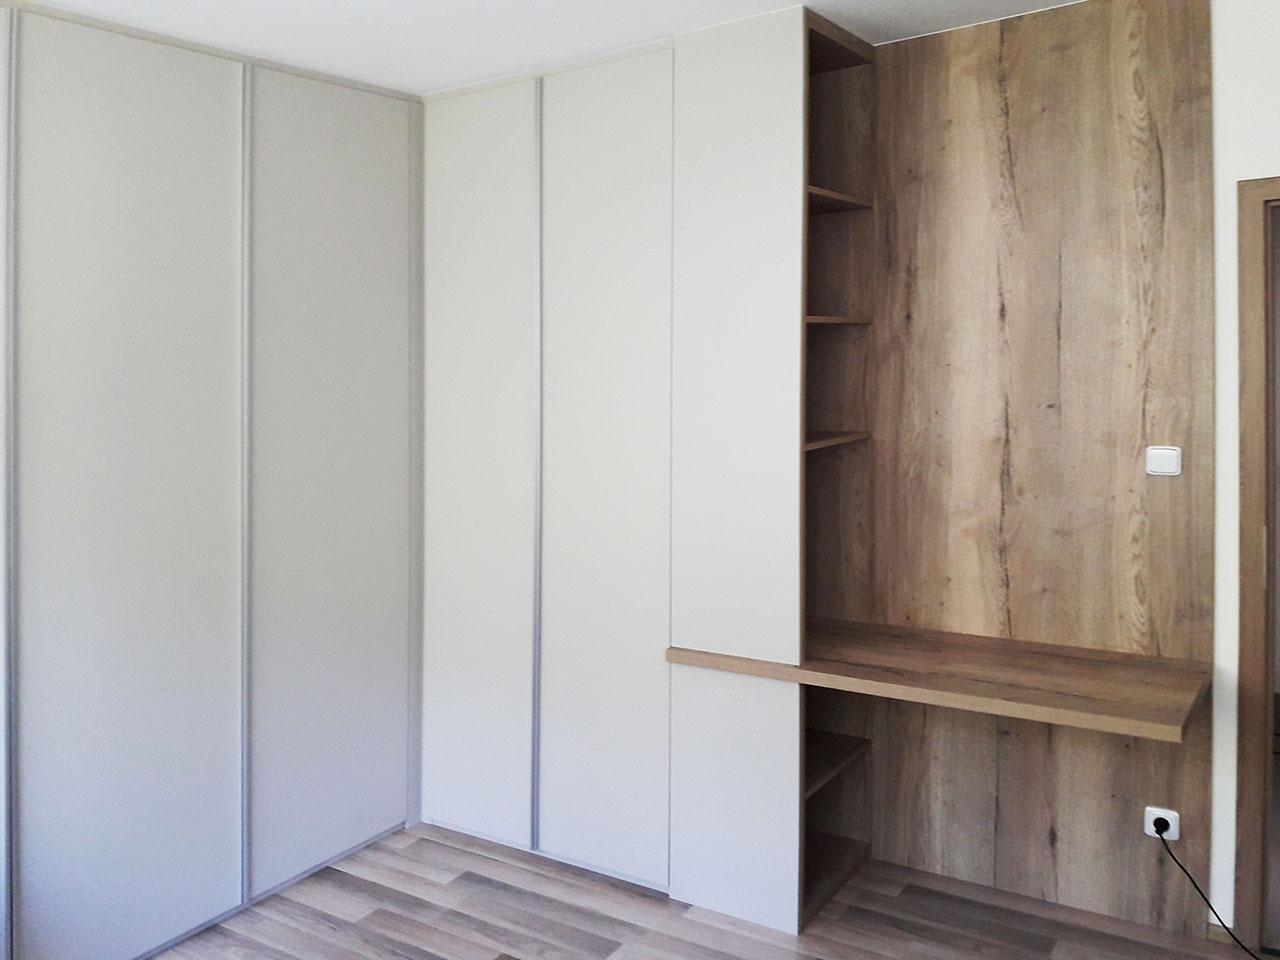 Bílá pantová skříň s pracovním stolem a otevřenými policemi v dřevodekoru